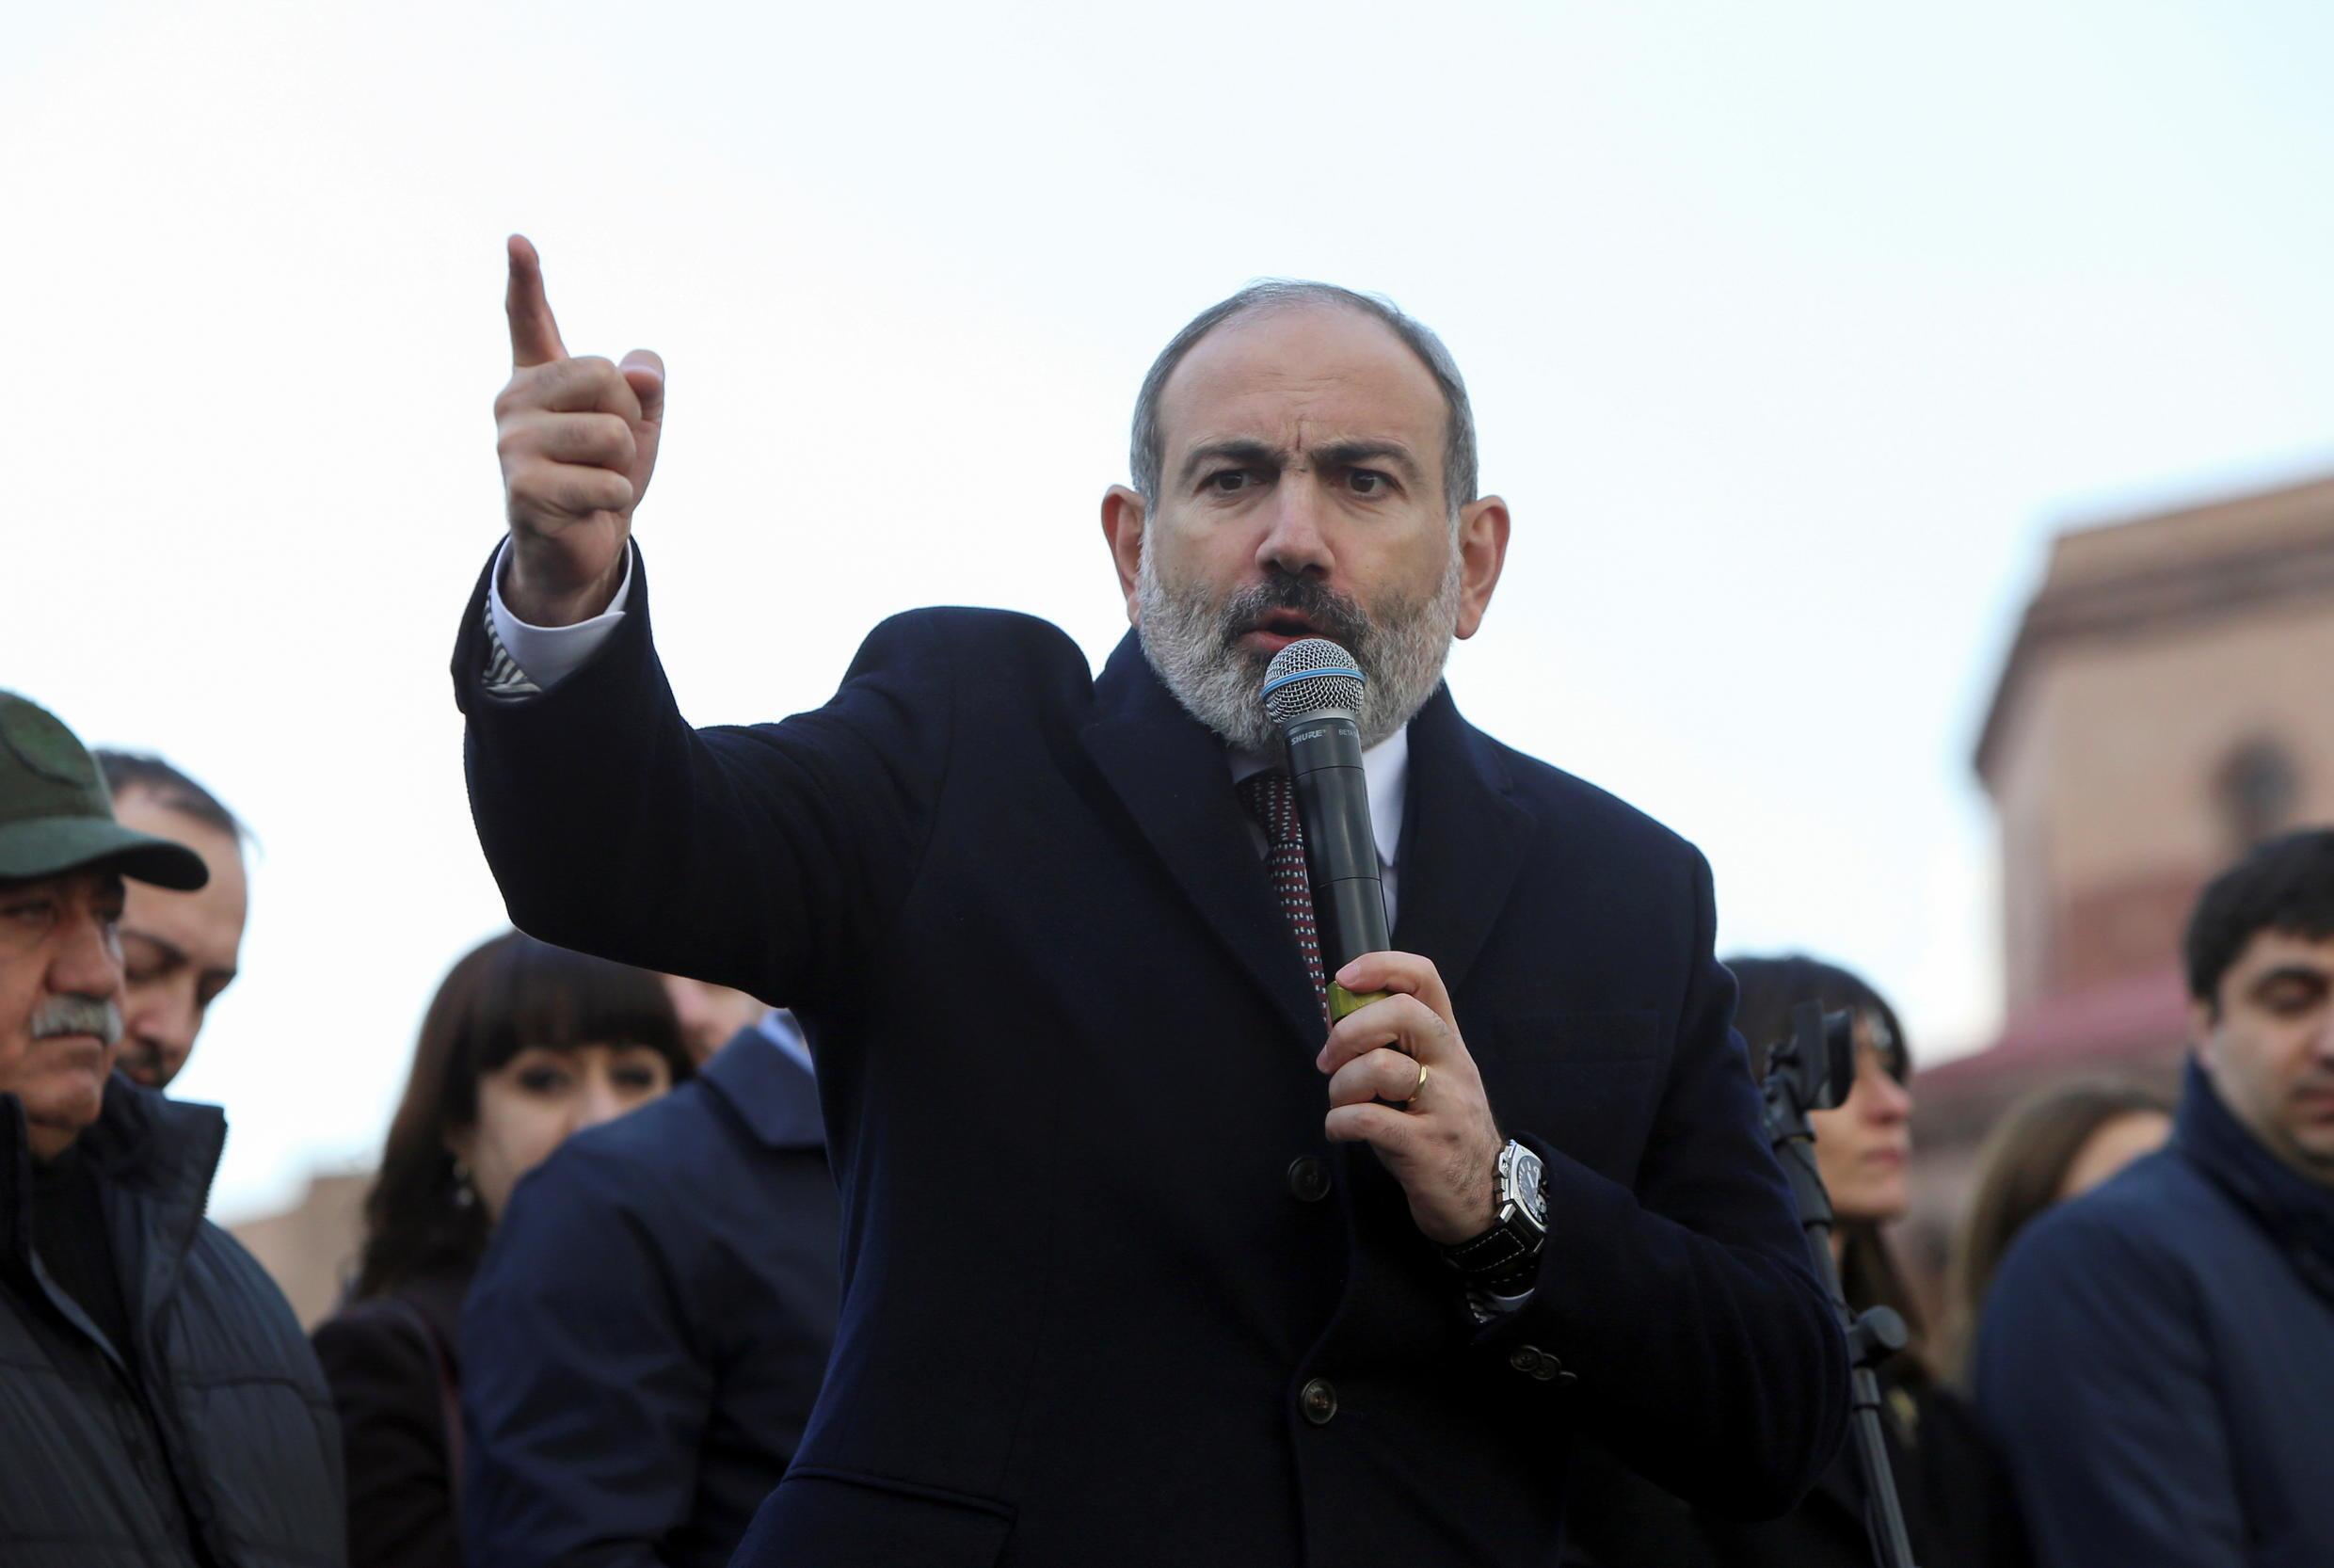 2021-02-25T130345Z_981861188_RC2PZL9FQ3ZY_RTRMADP_3_ARMENIA-POLITICS